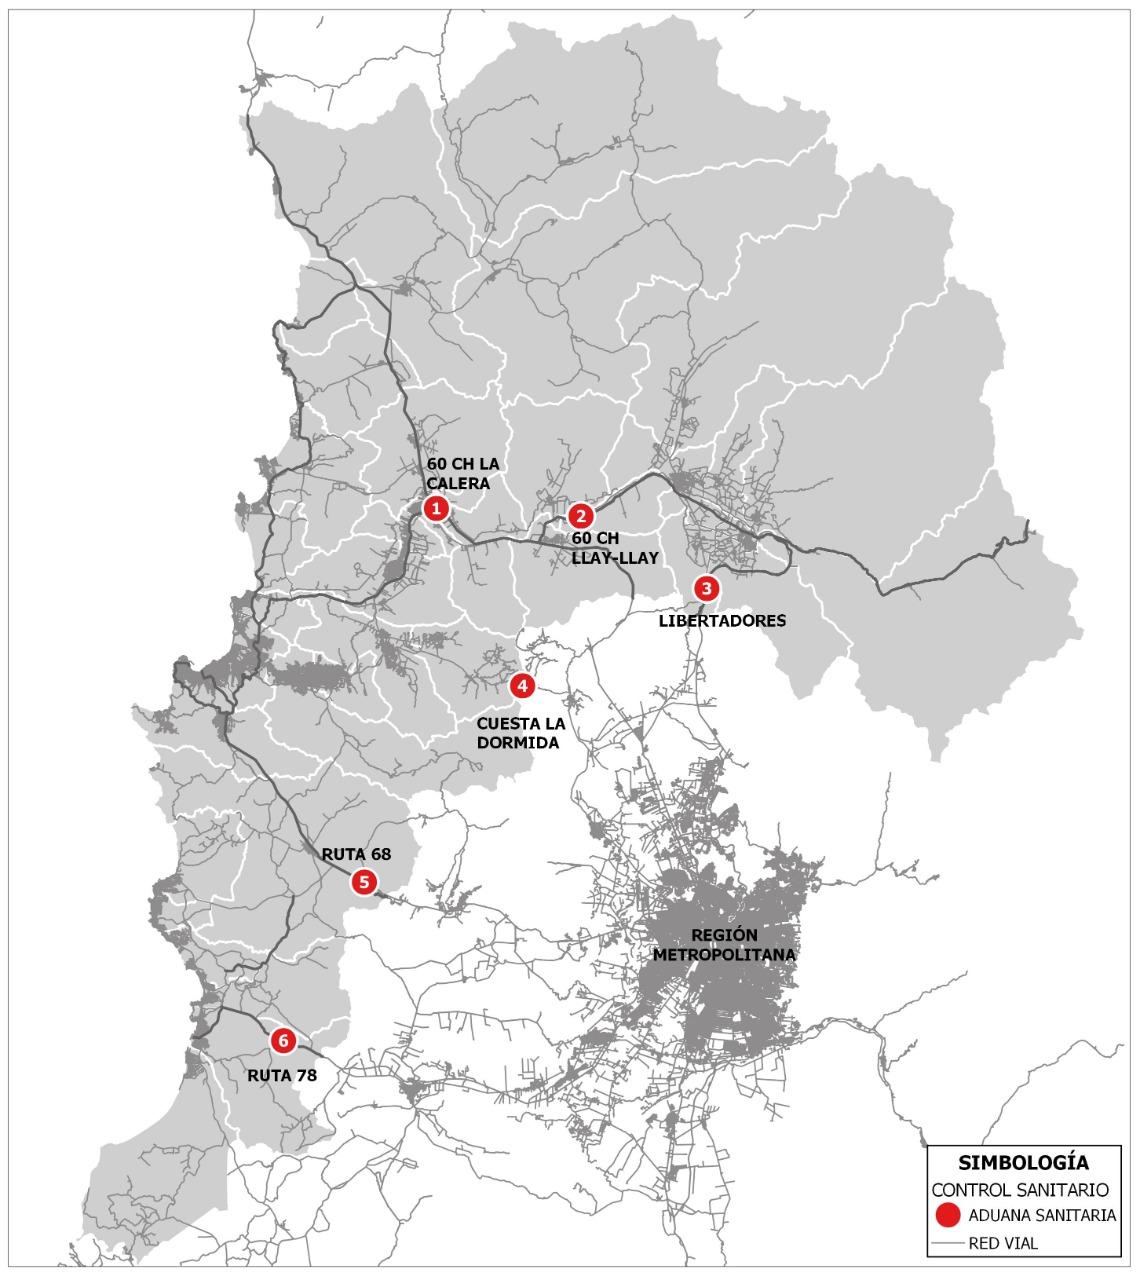 Recuerde que desde el viernes 8 de mayo se instalaron las nuevas barreras sanitarias en las rutas que unen la Región Metropolitana con Valparaíso